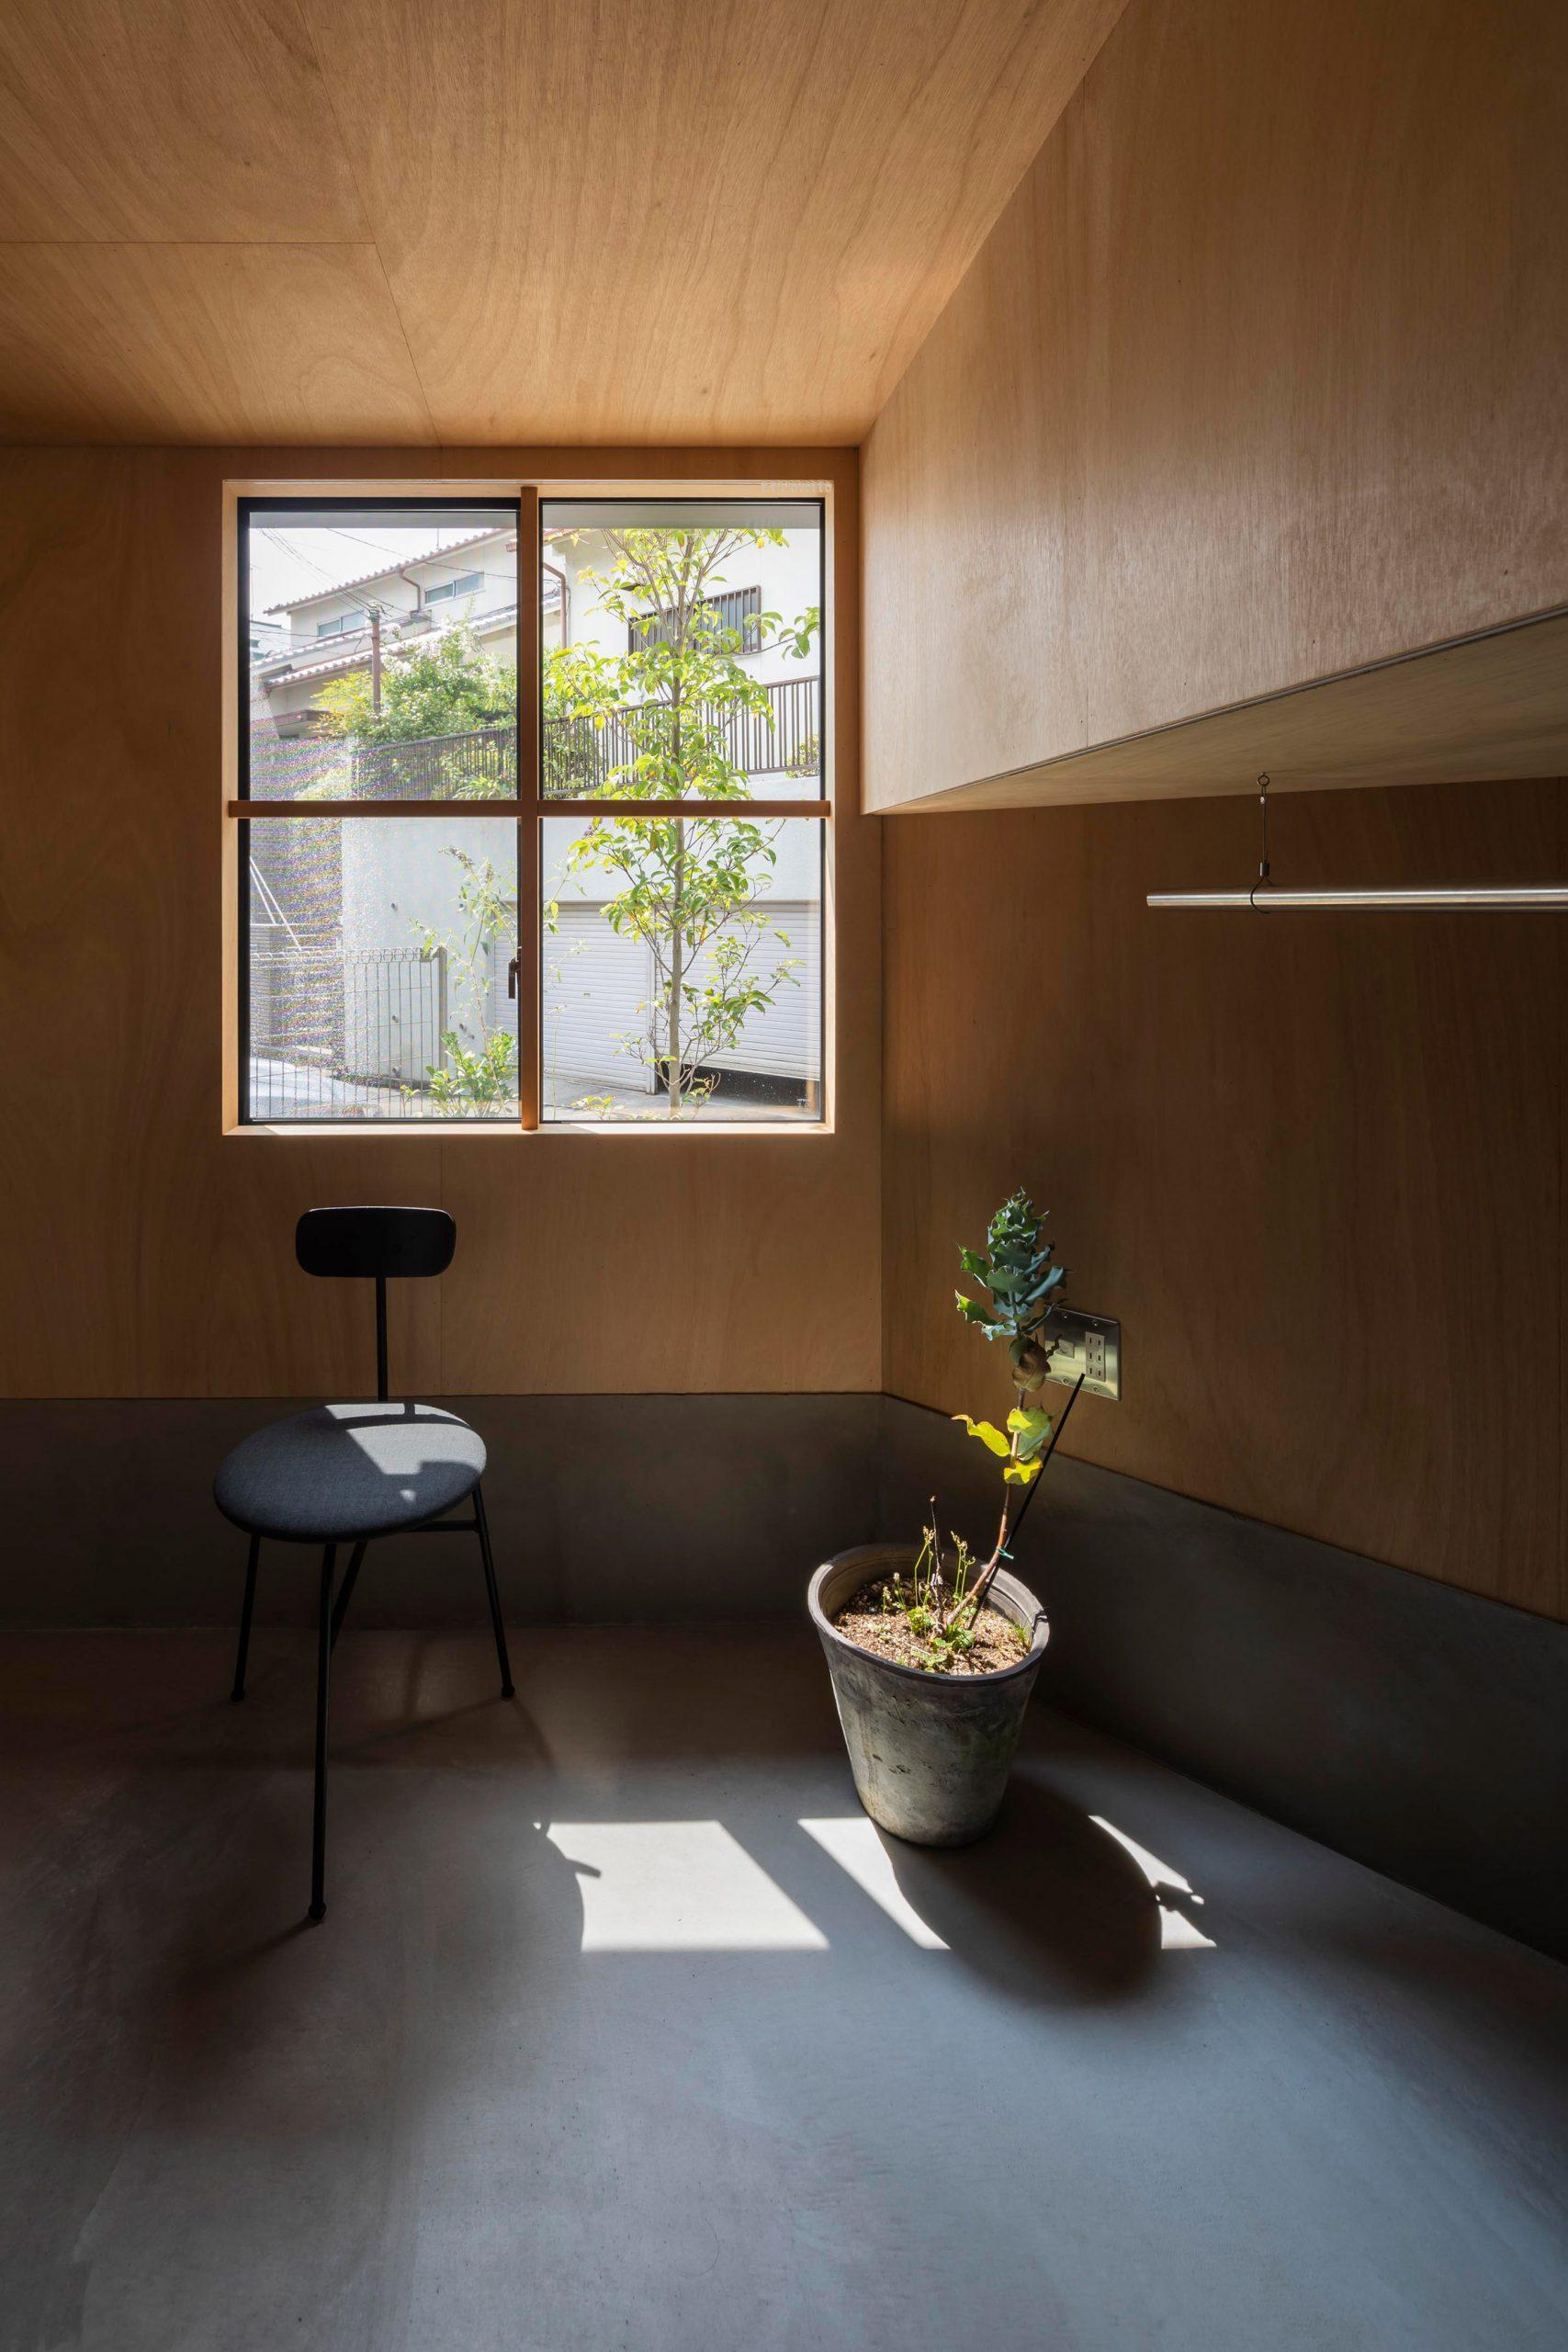 Thiết kế nội thất căn hộ nhỏ 29